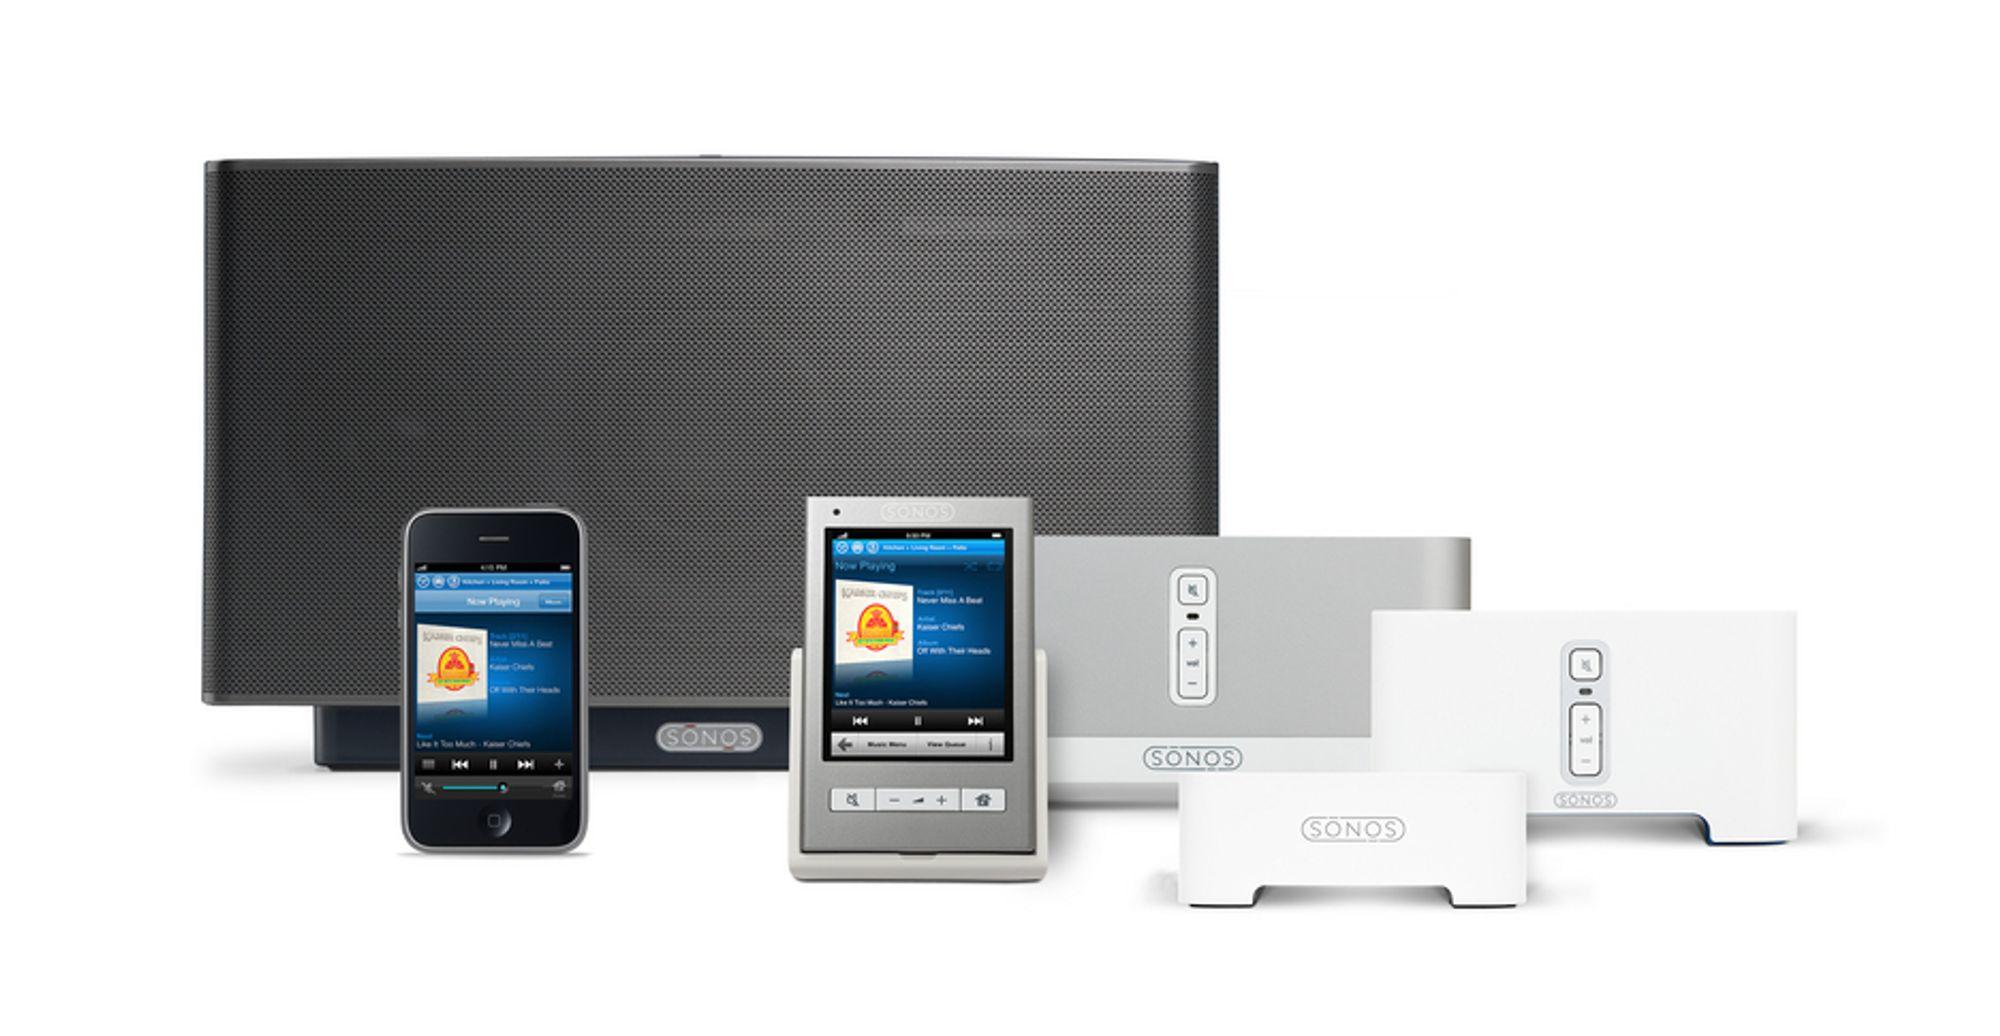 Sonos-systemene får nå støtte for avspilling av musikk direkte fra Spotify. Men kun for dem med Premium-abonnement.